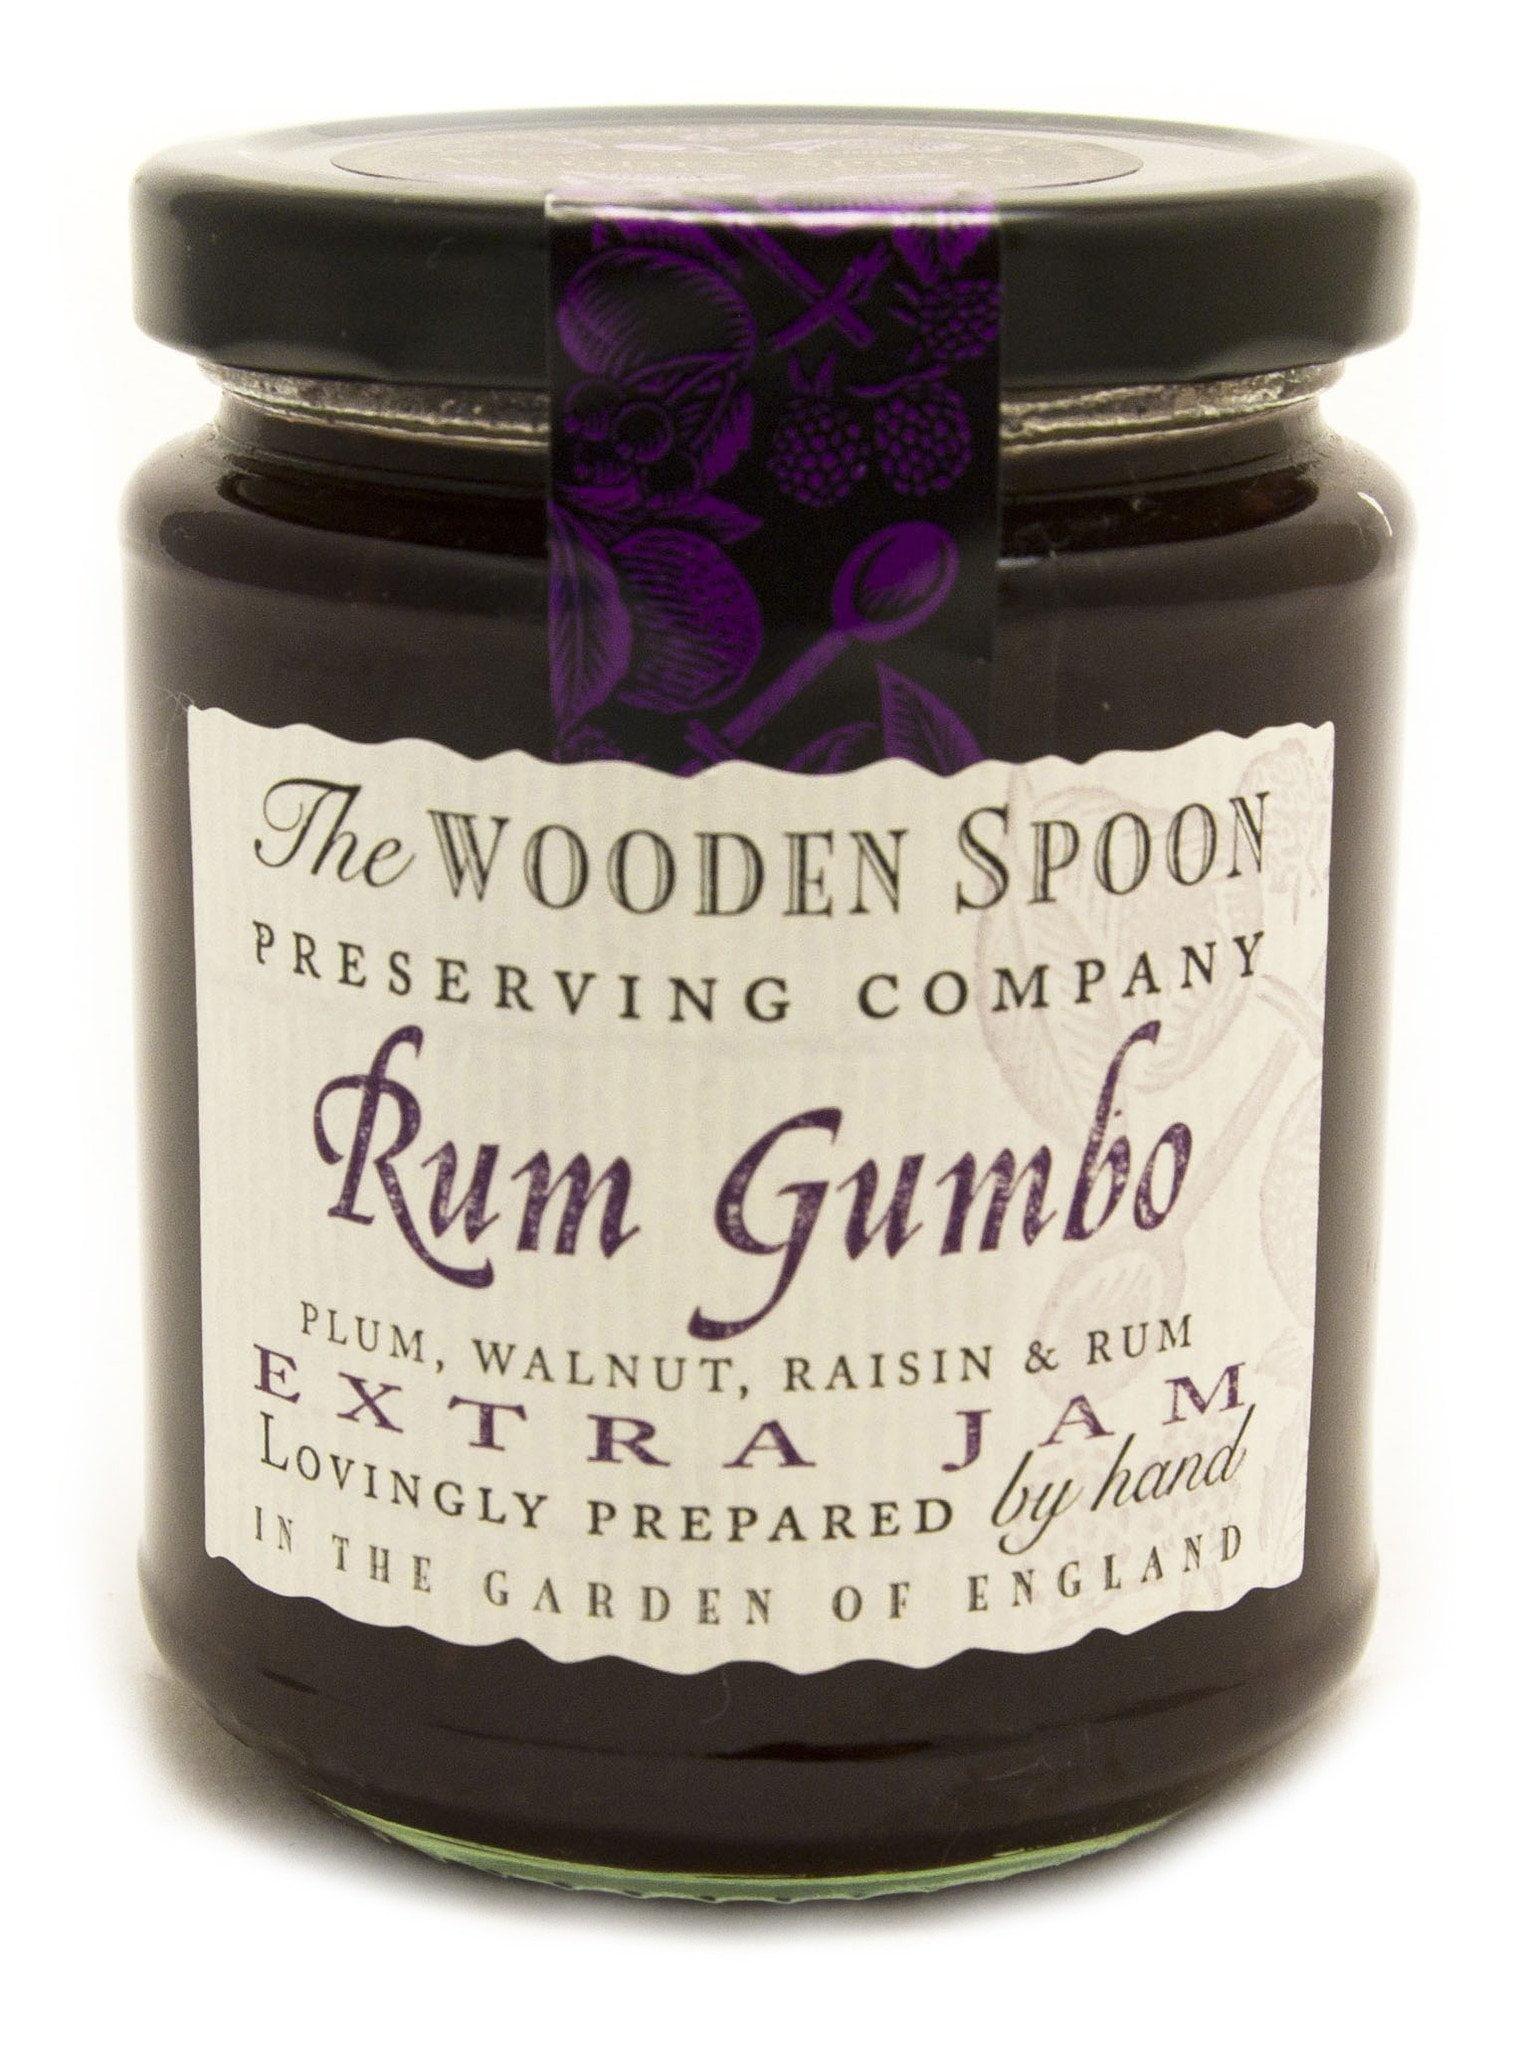 Rum Gumbo - Plum, Walnut, Raisin & Rum